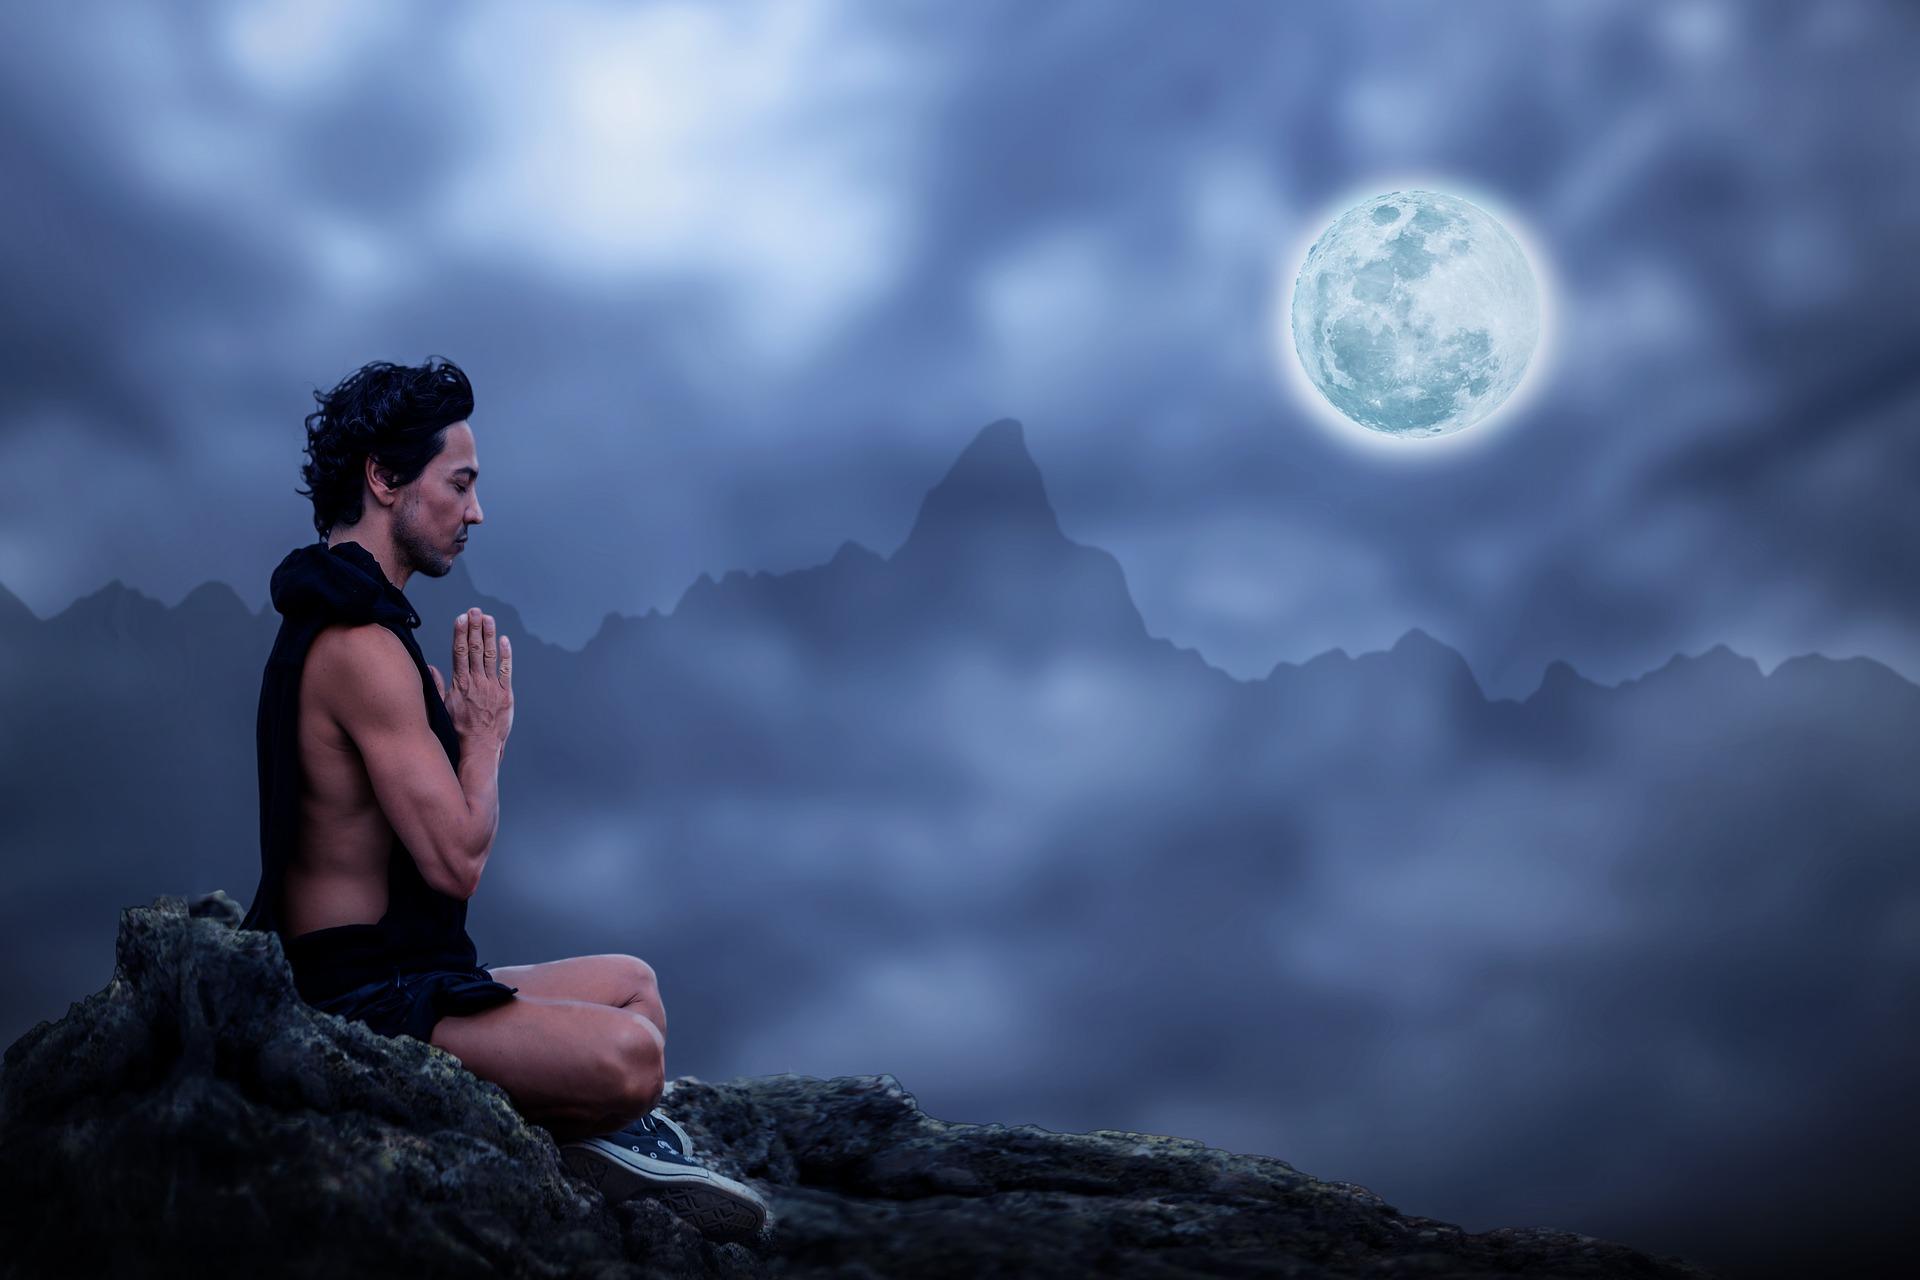 Chandra Namaskar : la salutation à la lune pour apaiser (tutoriel vidéo)